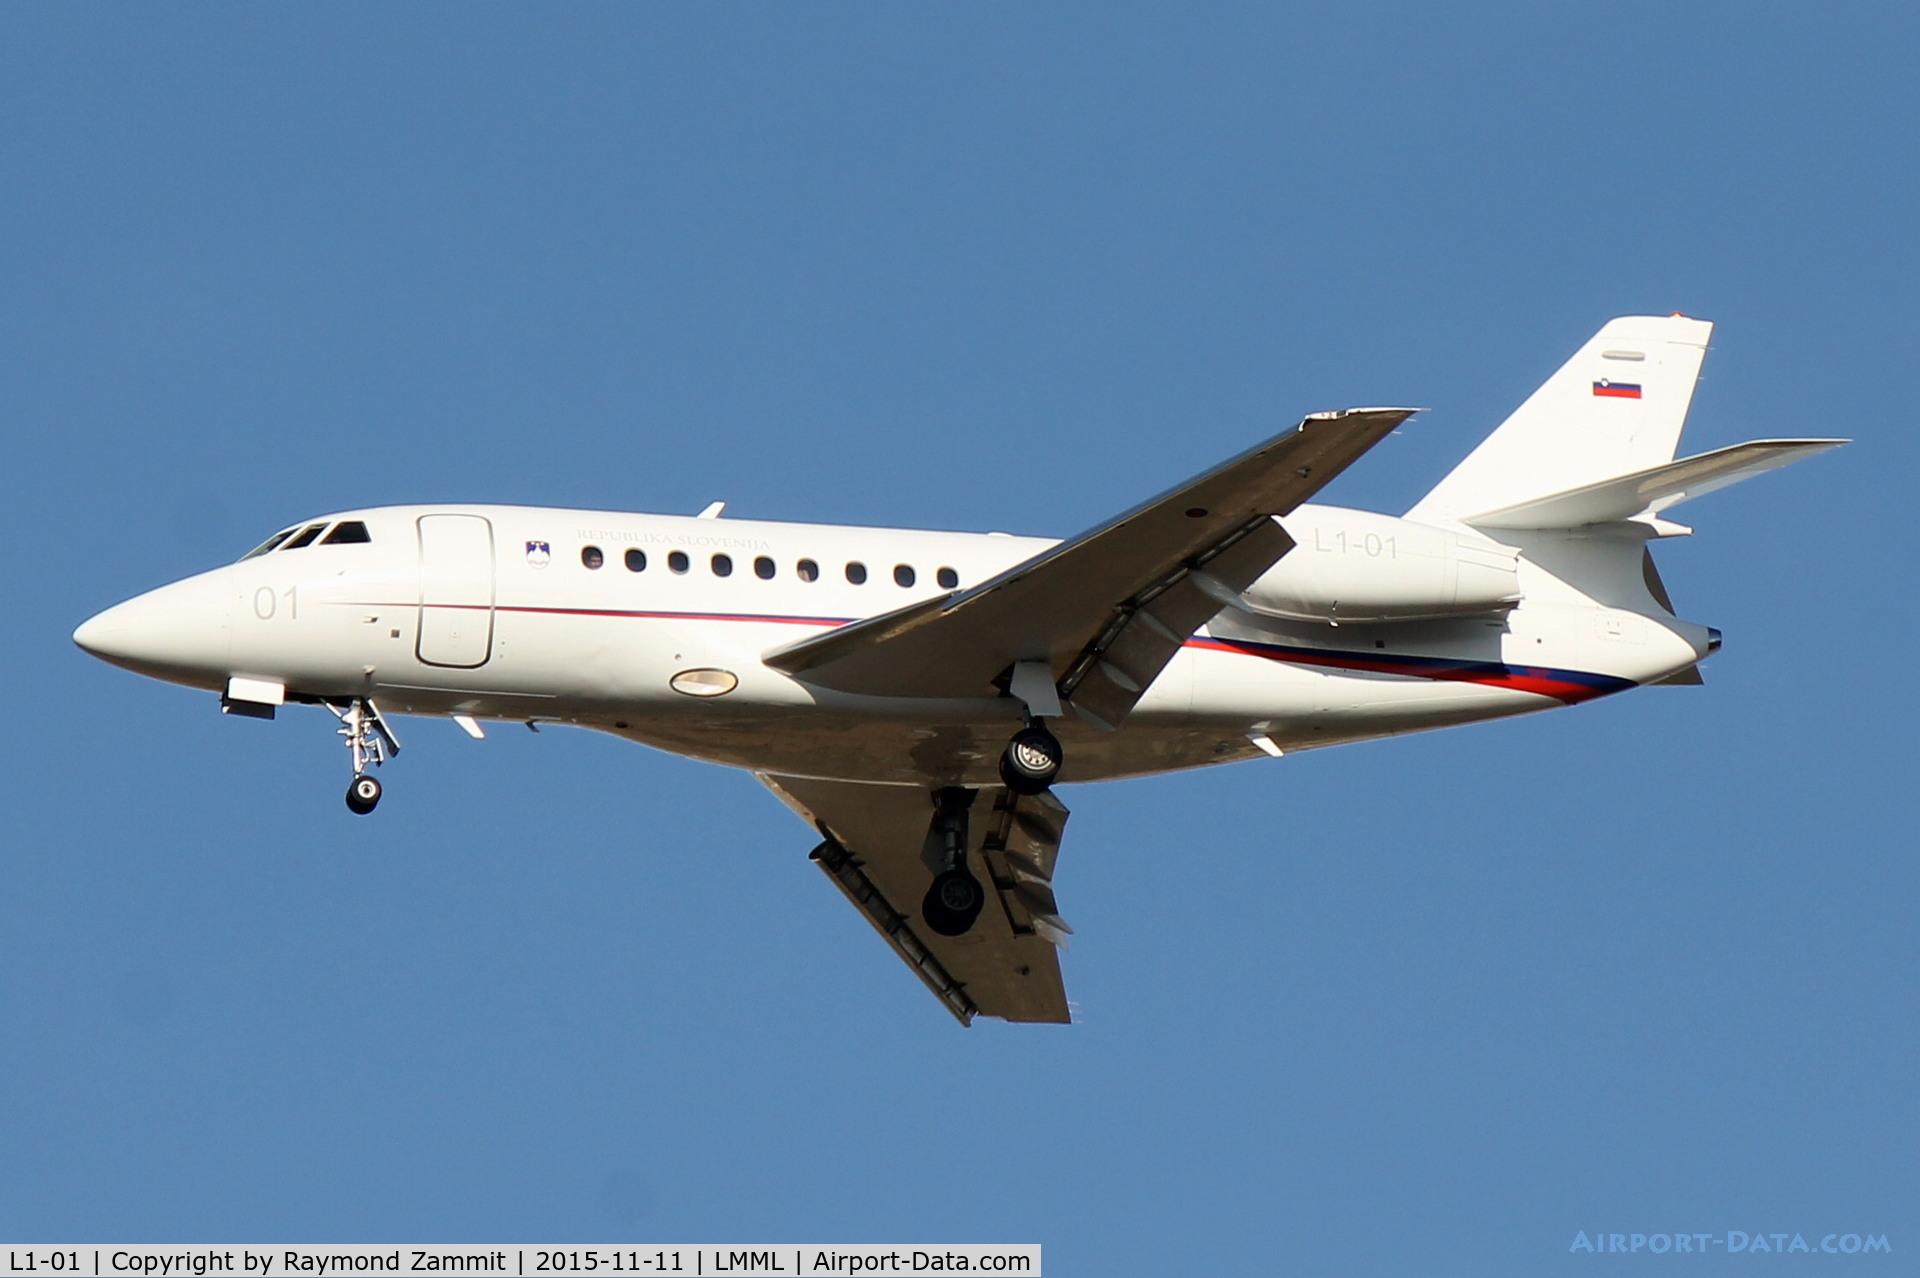 L1-01, 2003 Dassault Falcon 2000EX C/N 15, Dassaul Falcon 2000EX L1-01 Government of Slovenia